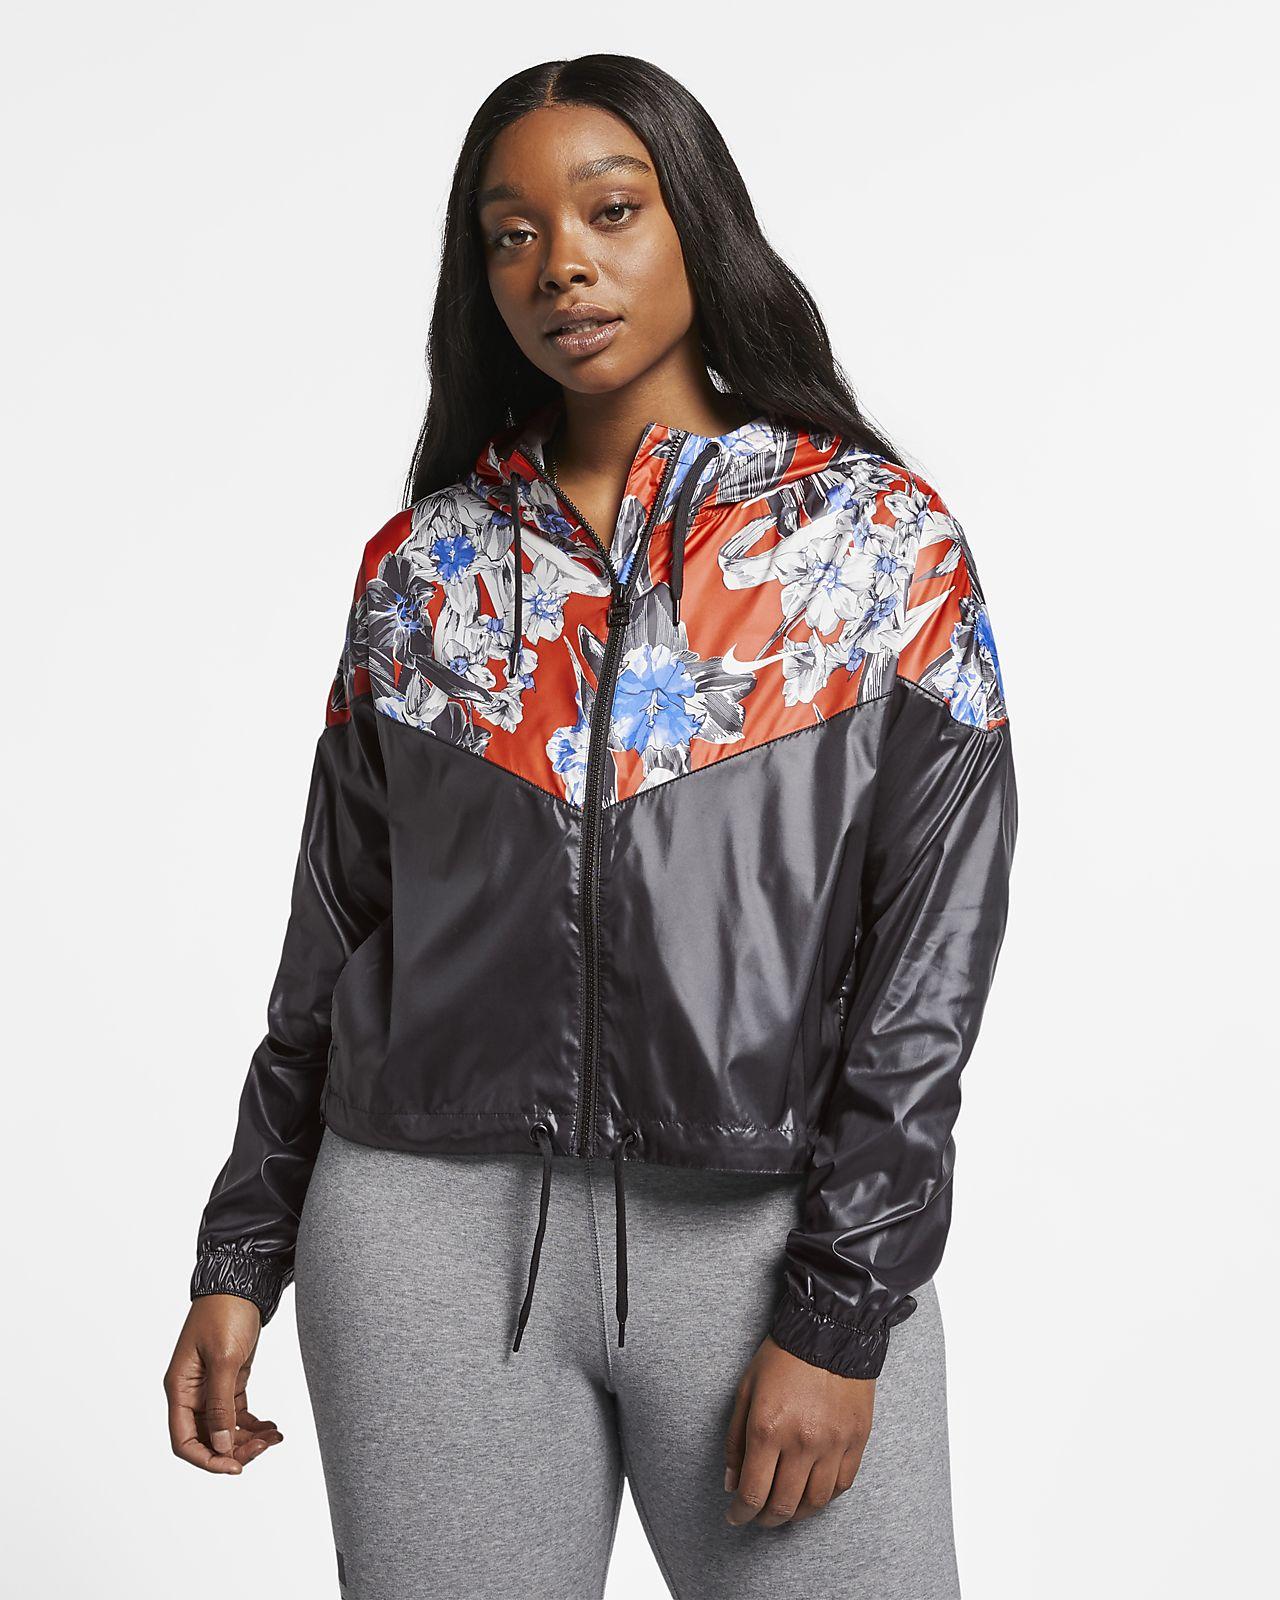 Nike Sportswear Windrunner Women's Cropped Floral Jacket (Plus Size)